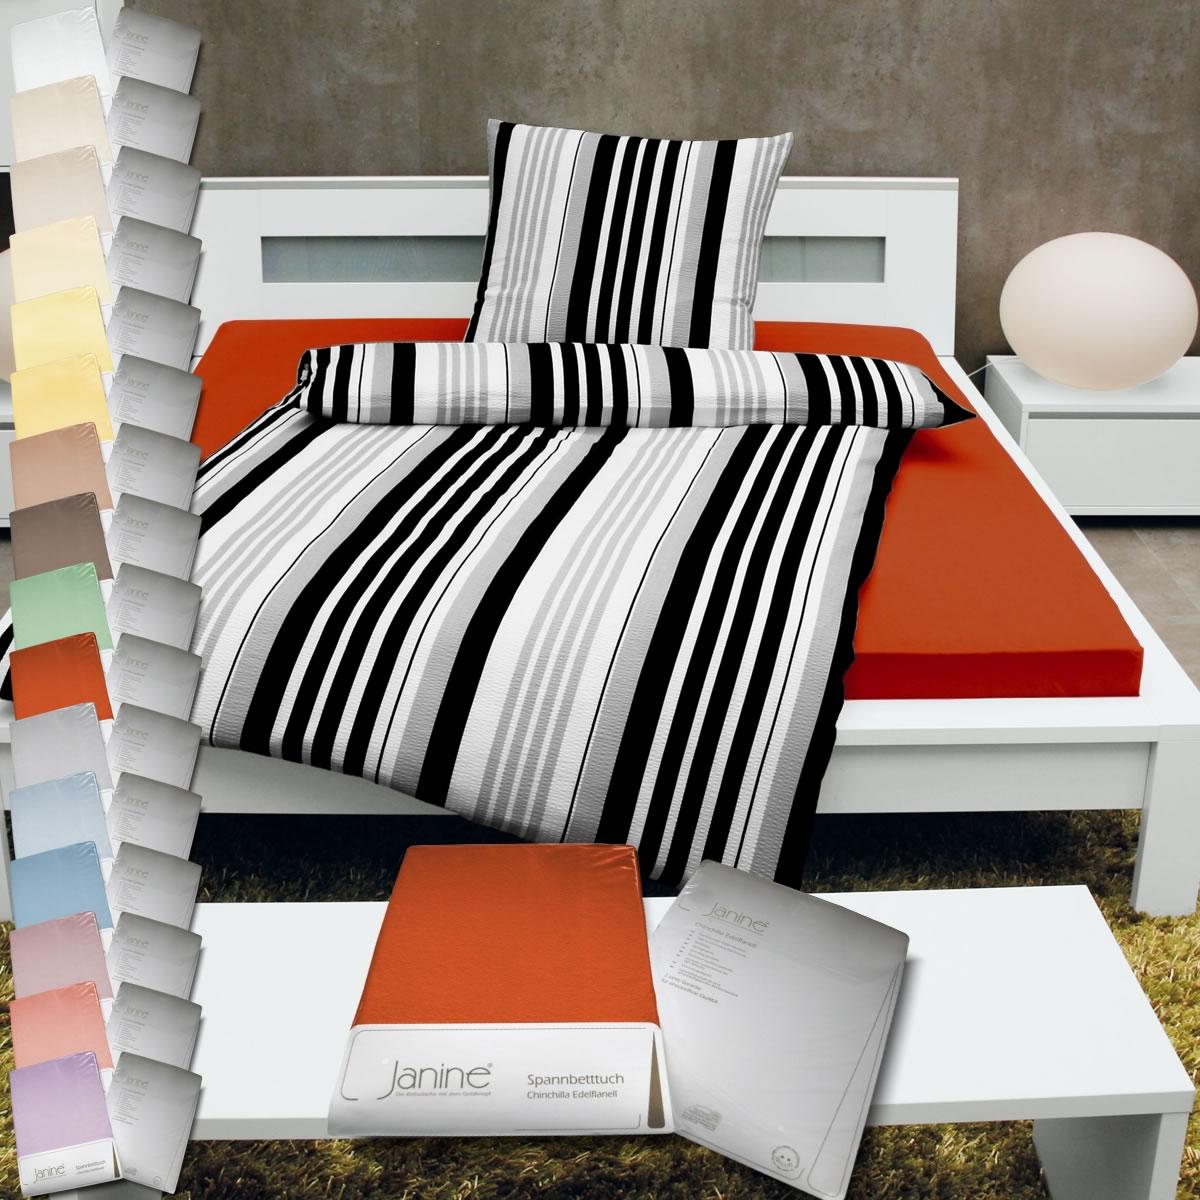 janine chinchilla edelflanell spannbettlaken alle gr en. Black Bedroom Furniture Sets. Home Design Ideas